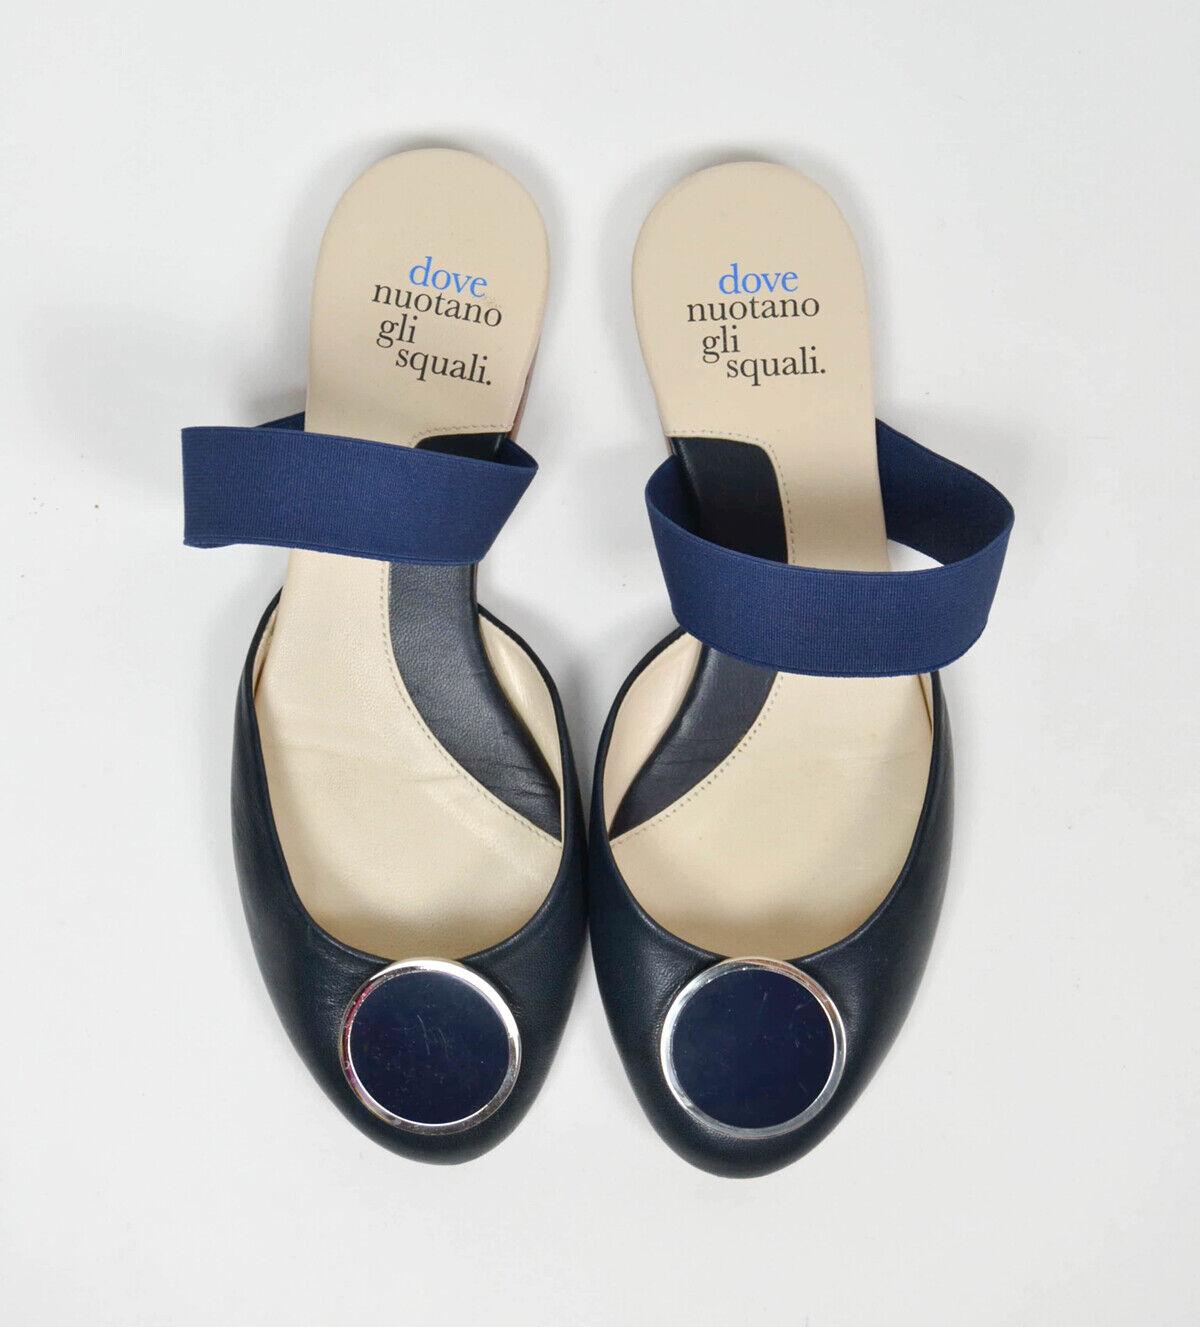 Chaussures chaussures DOVE NUOTANO GLI SQUALI, numero 35, bleu